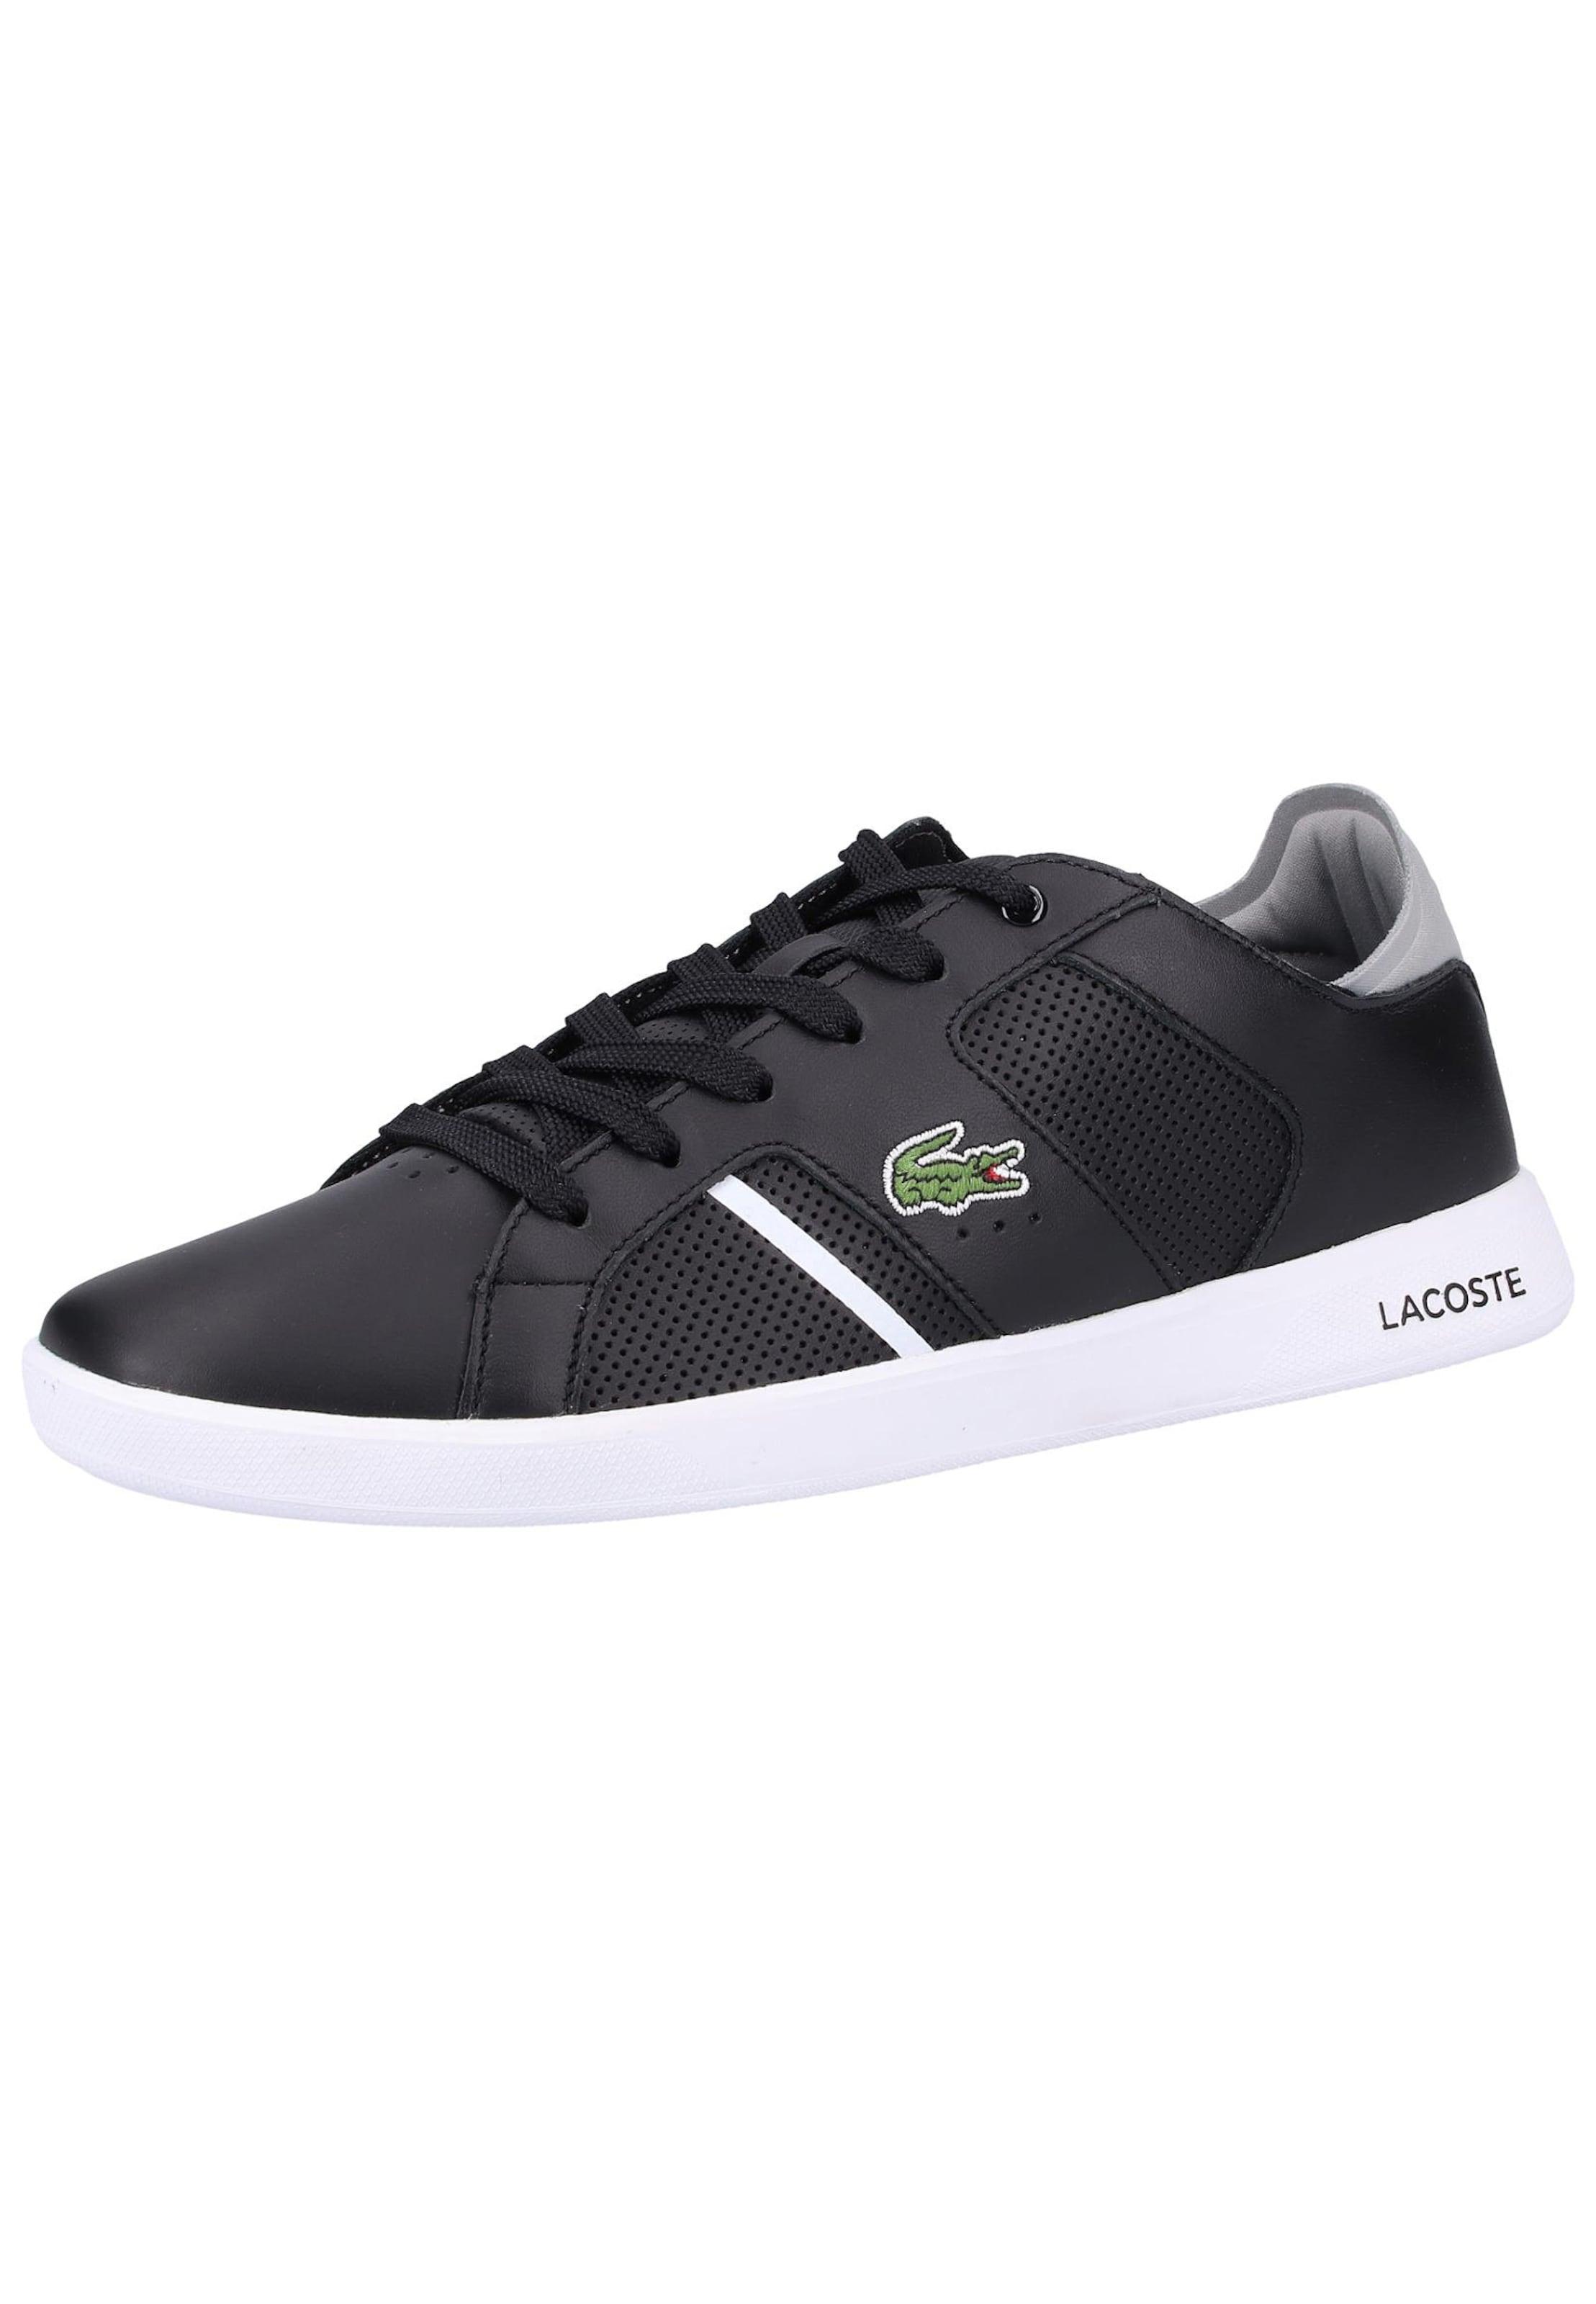 Lacoste Lacoste GrauSchwarz Sneaker In In Weiß Weiß In Sneaker GrauSchwarz Lacoste Sneaker GrauSchwarz 2bWH9eIEDY